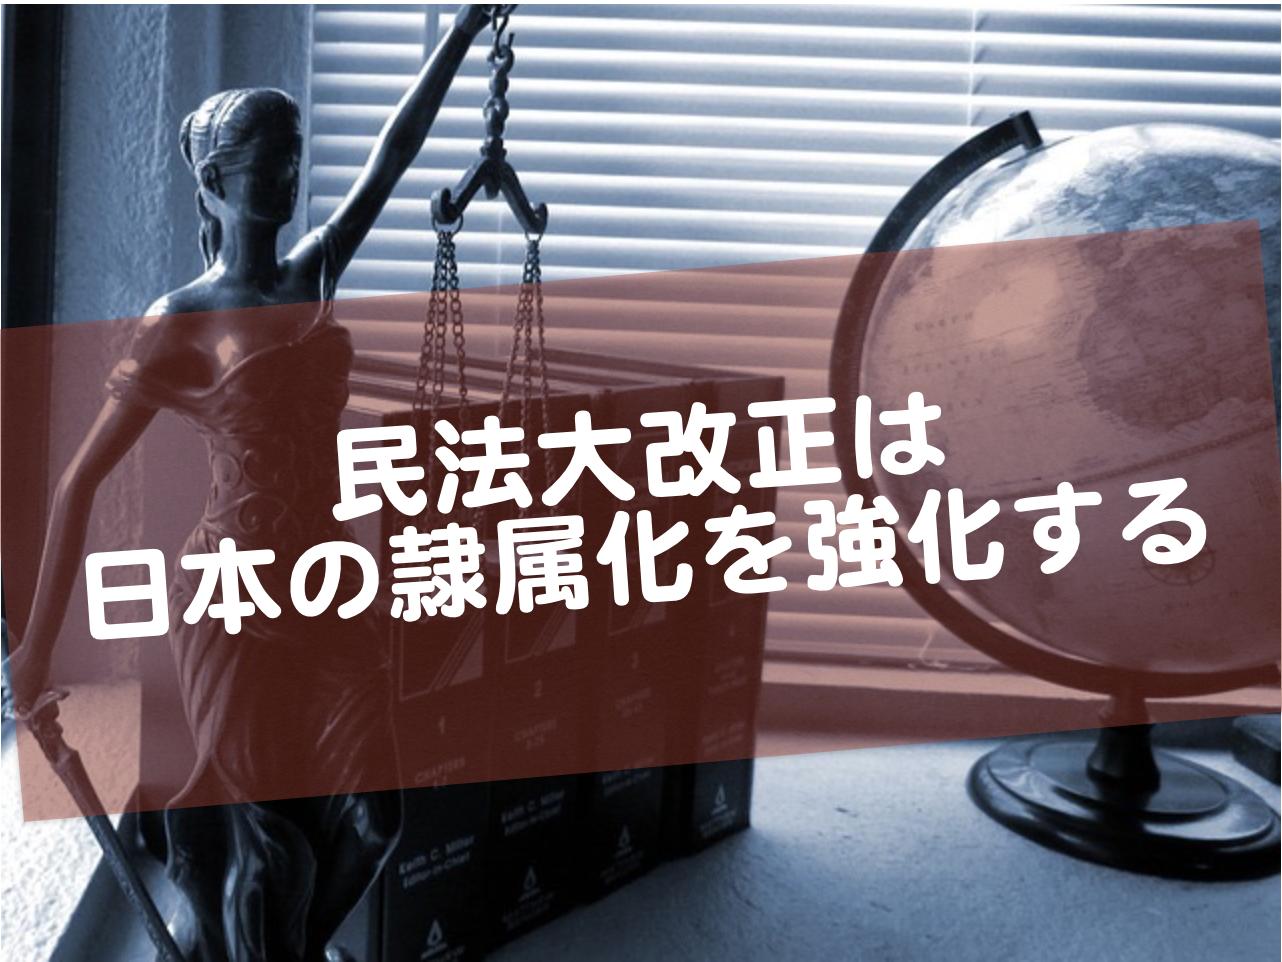 民法大改正は日本の隷属化を強化する